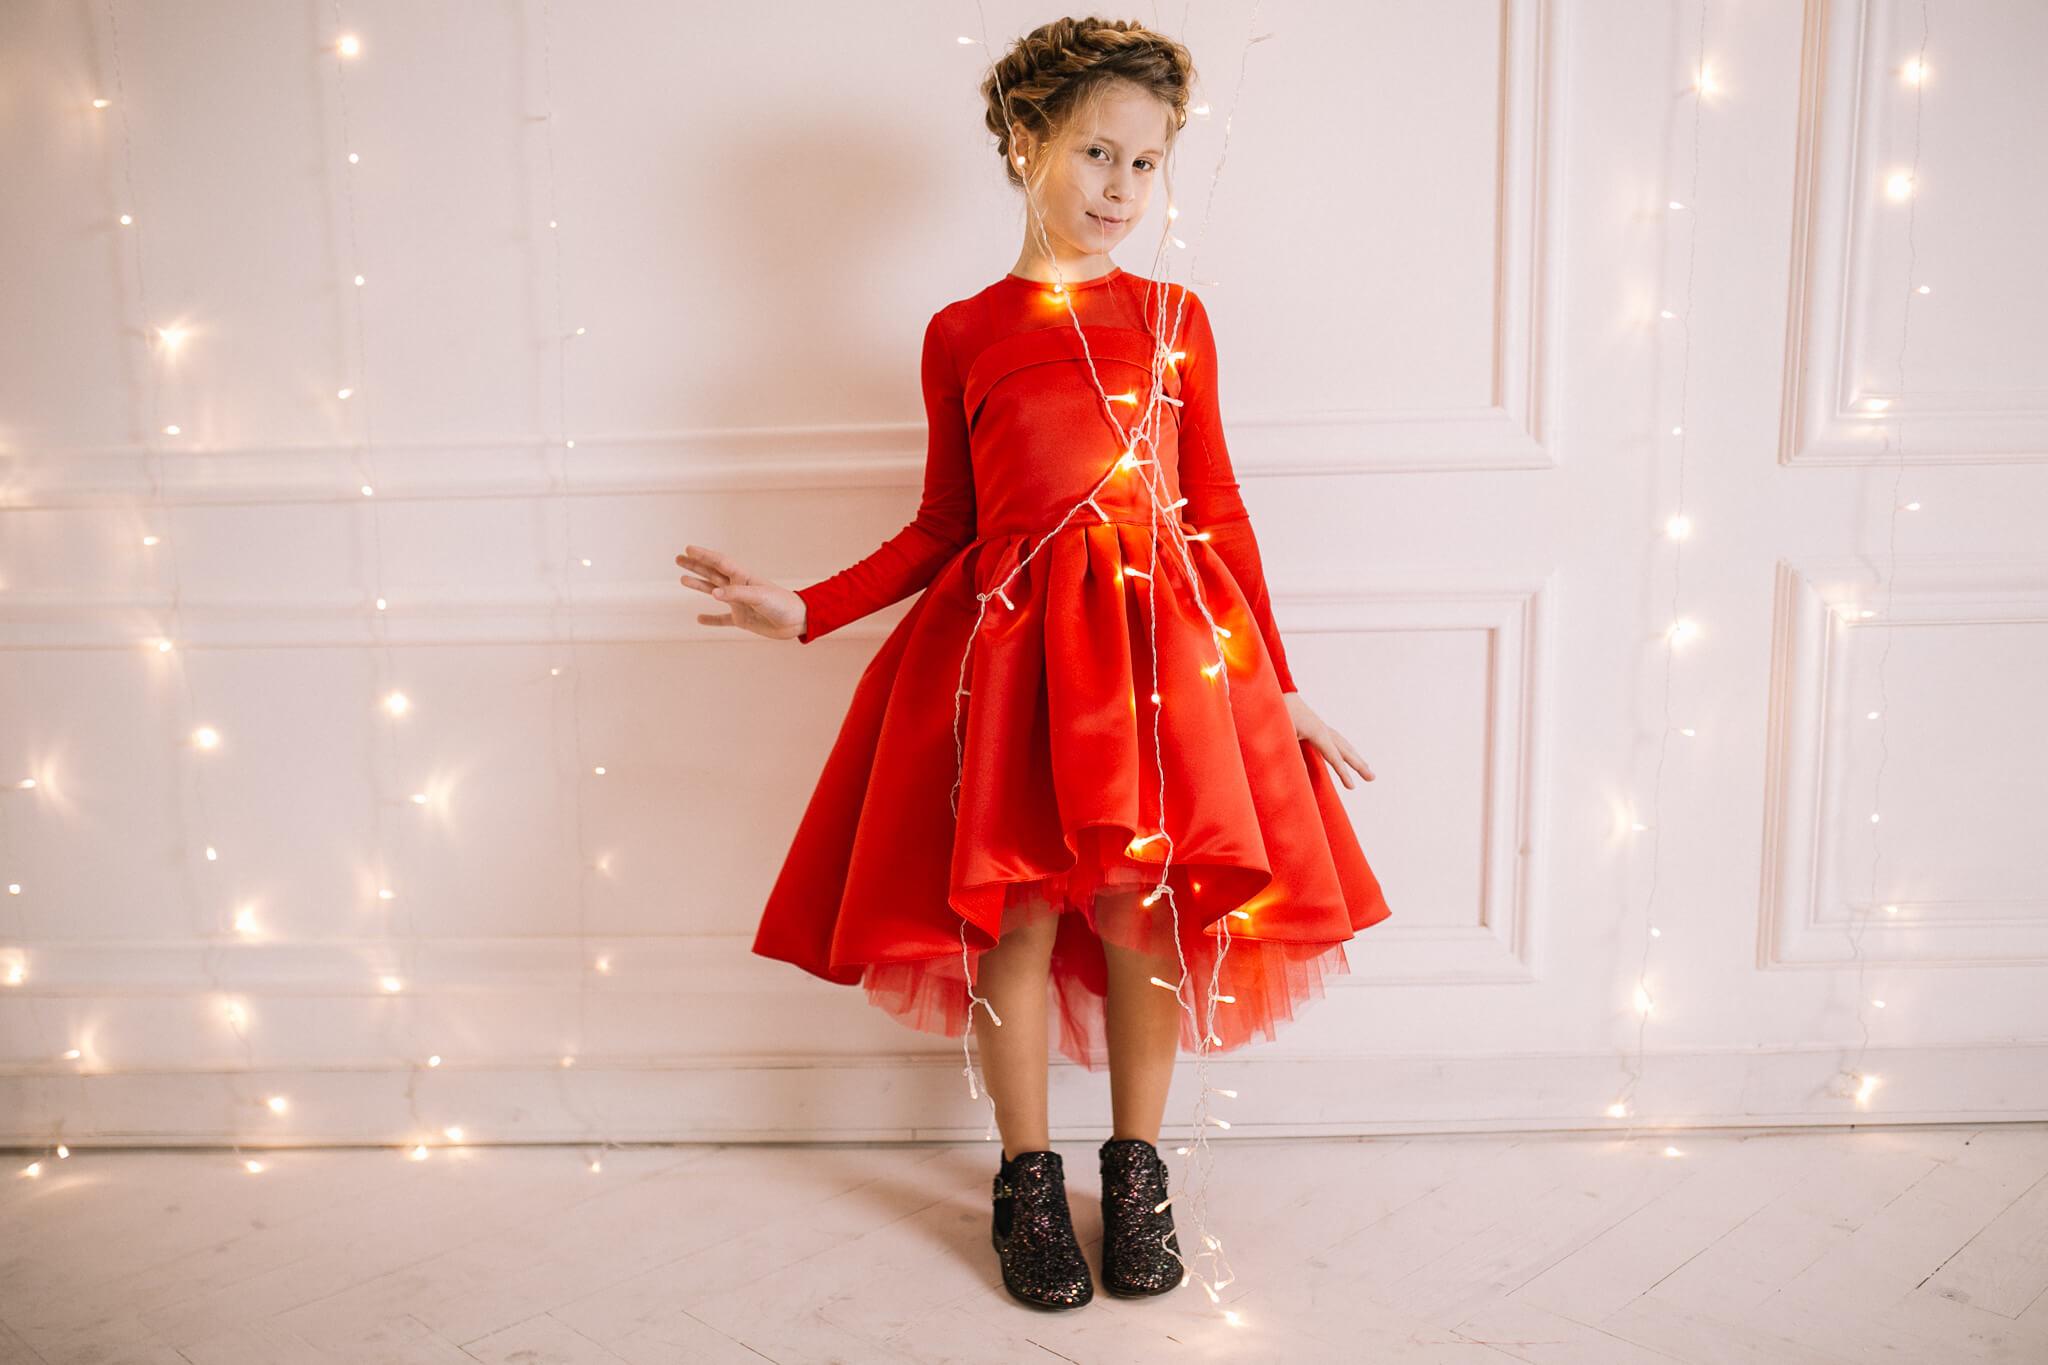 Червона святкова сукня на дівчинку